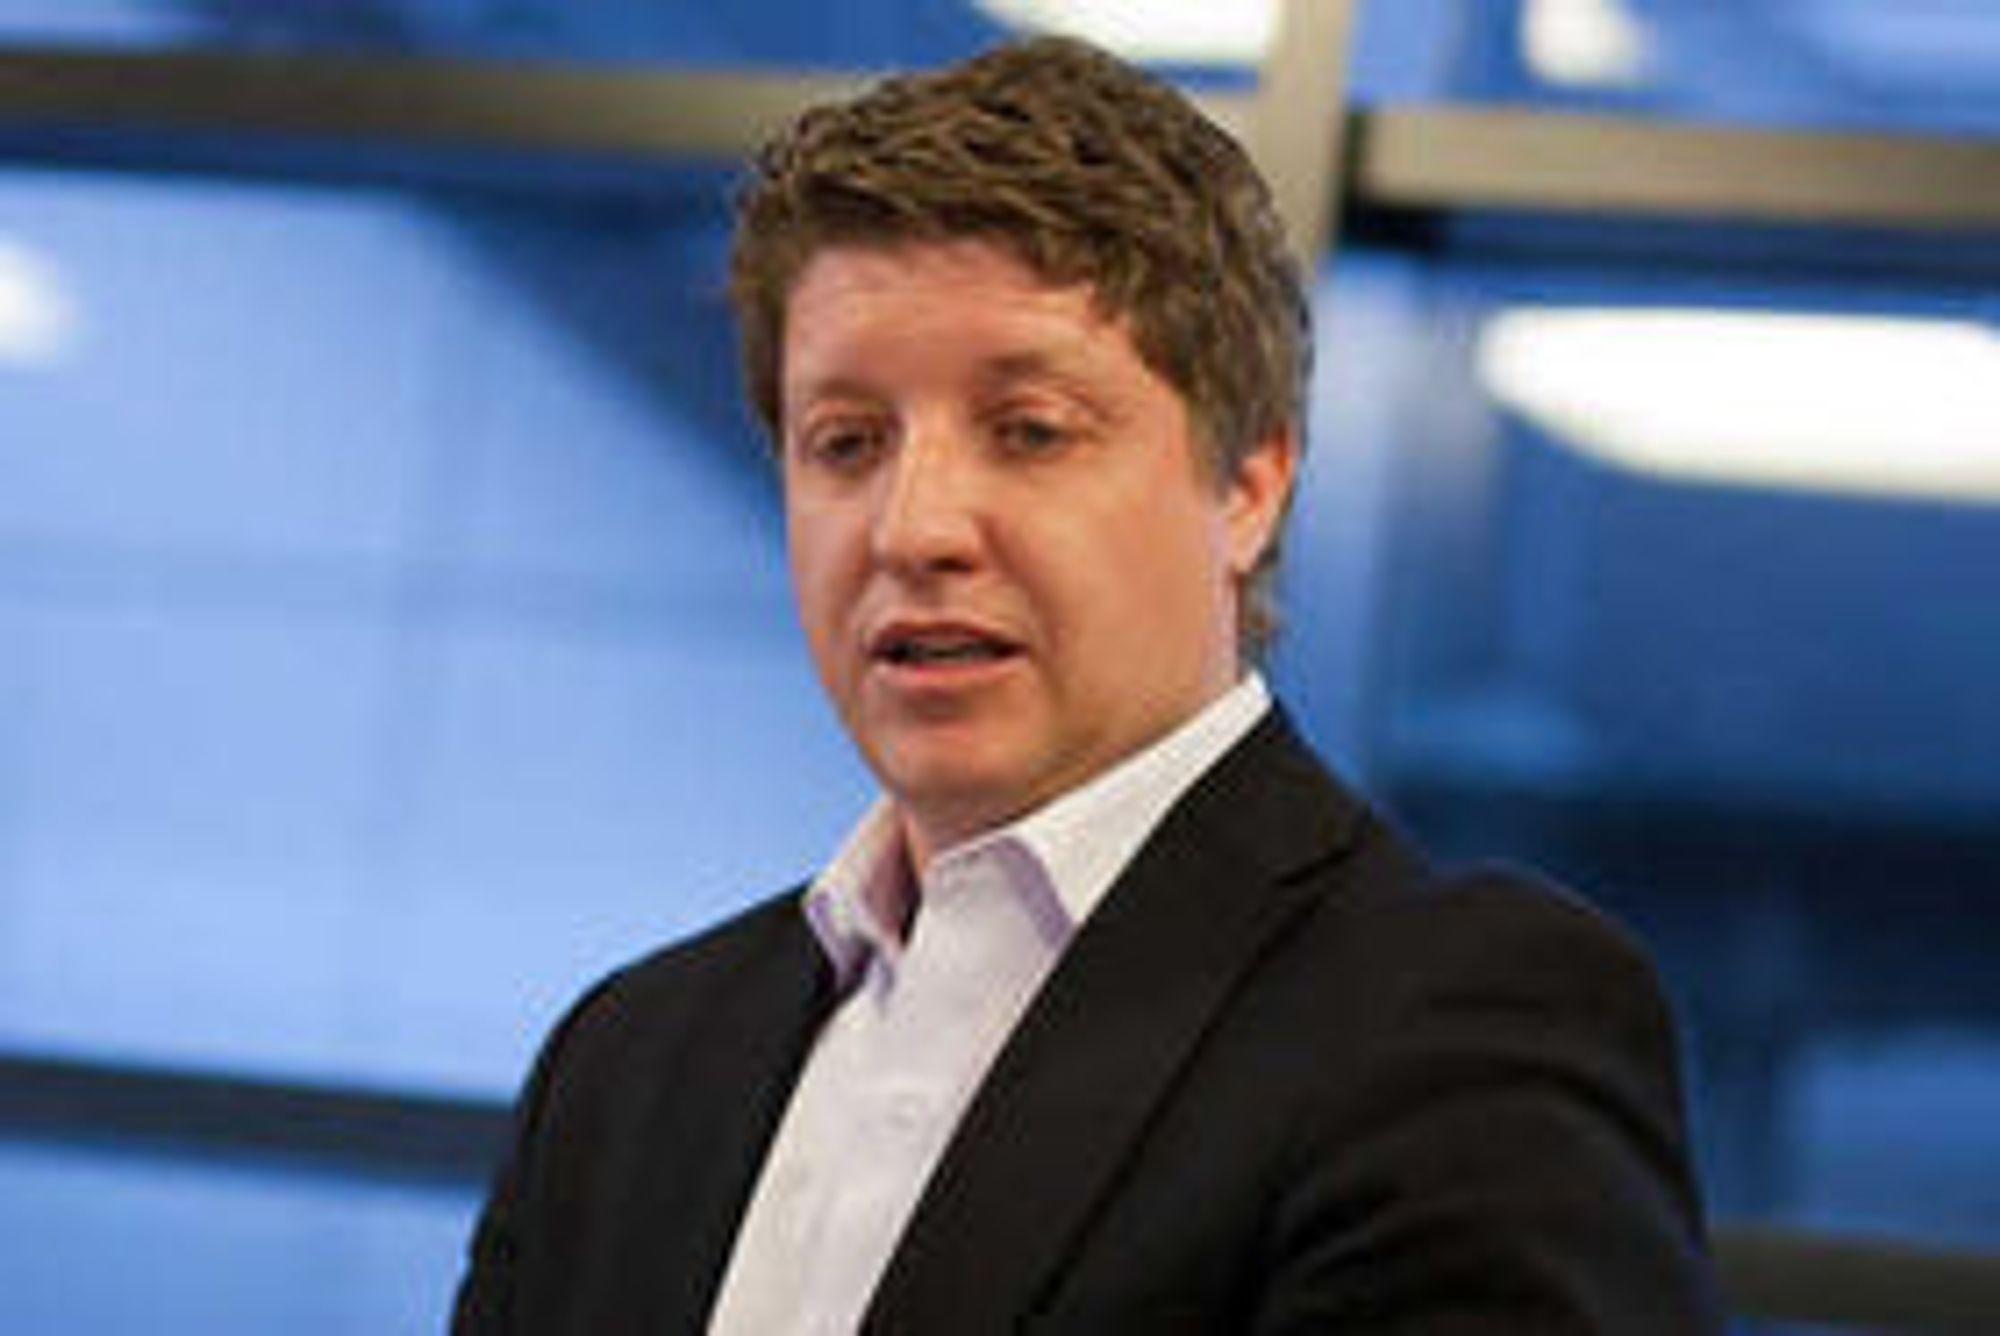 Telenor lanserer LTE «i løpet av året» sier teknologidirektør Frode Støldal.